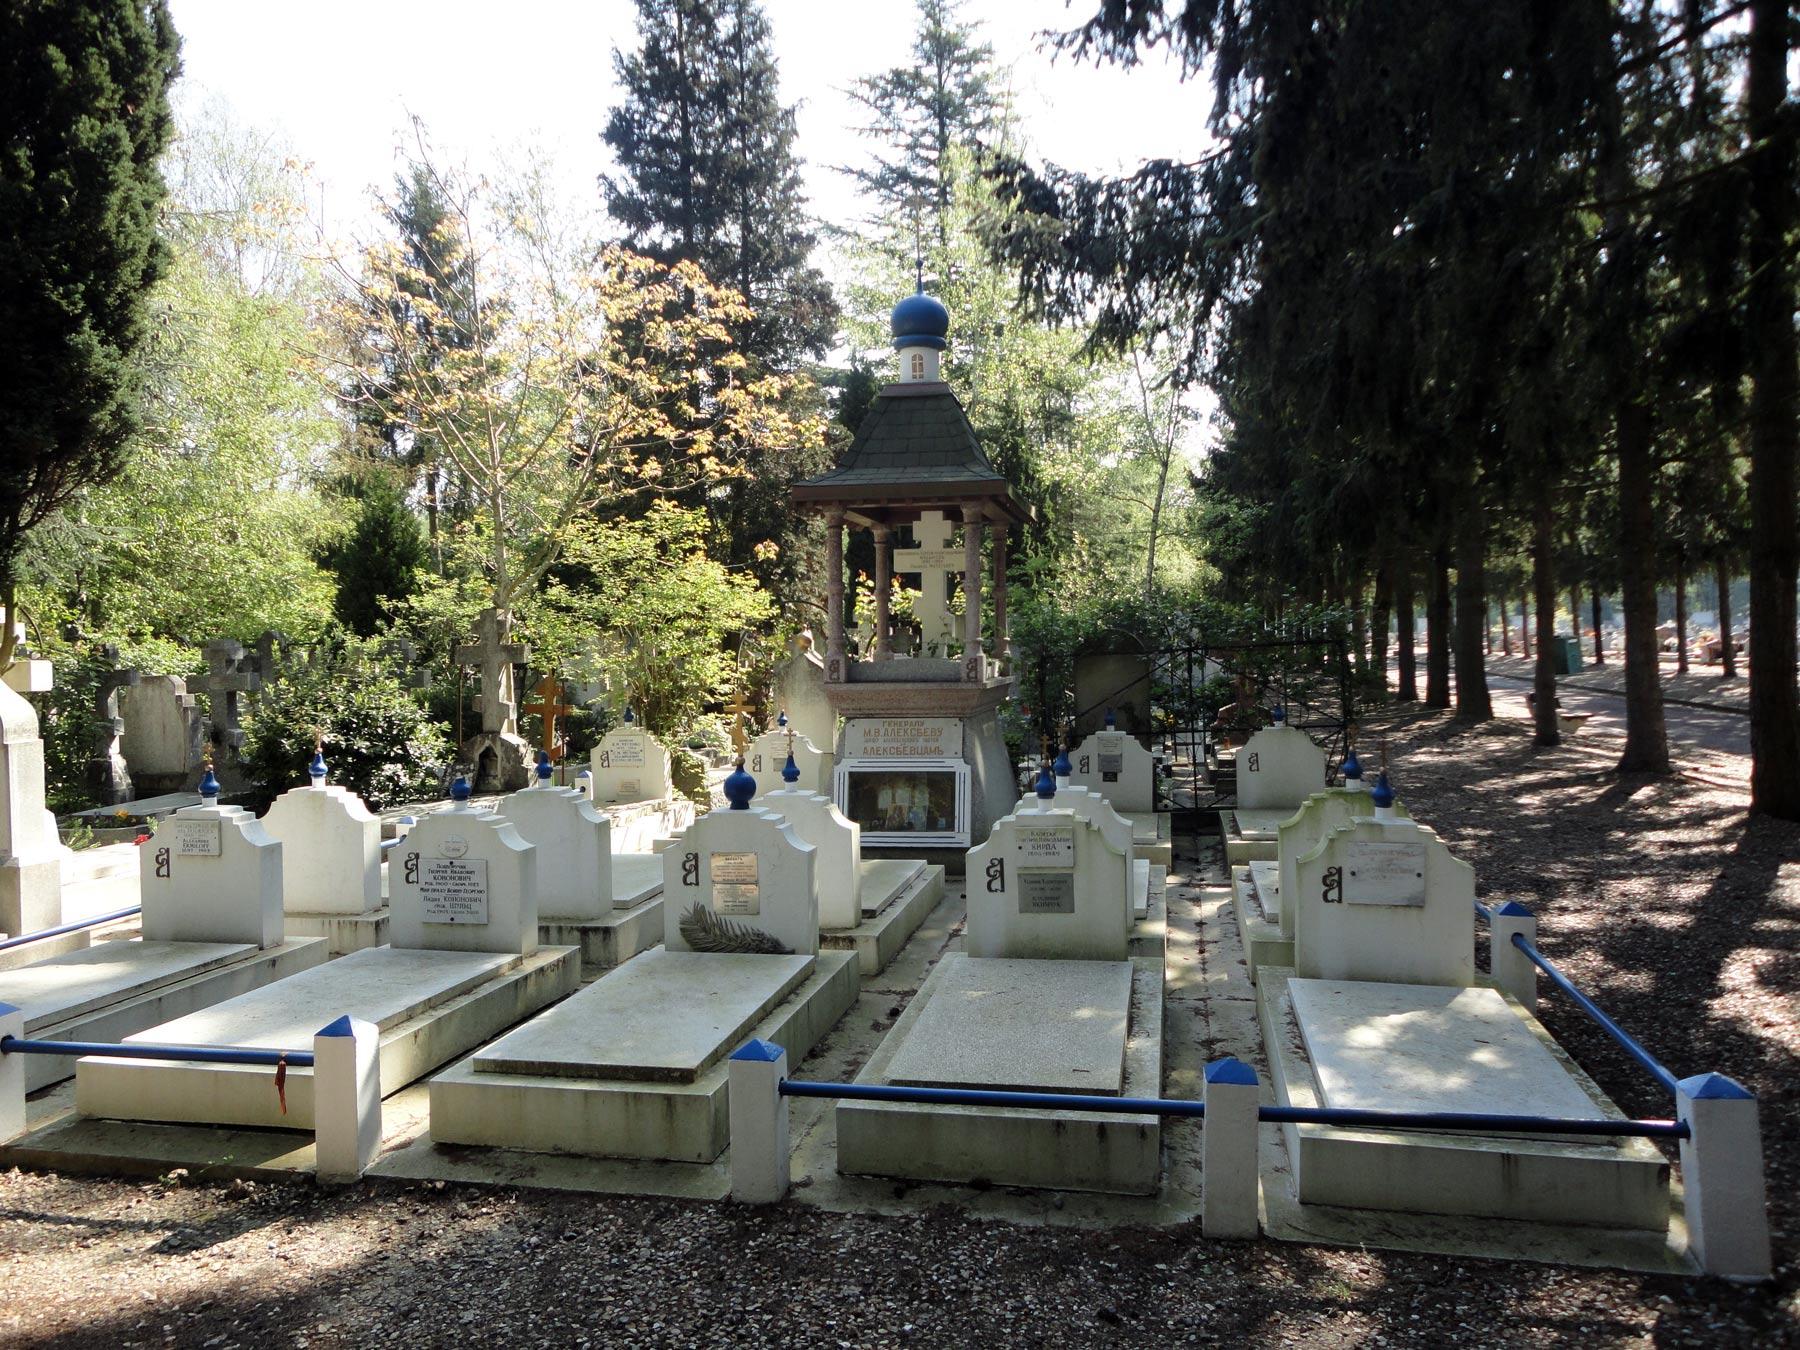 алексеевский участок на Сент-Женевьев-де-Буа